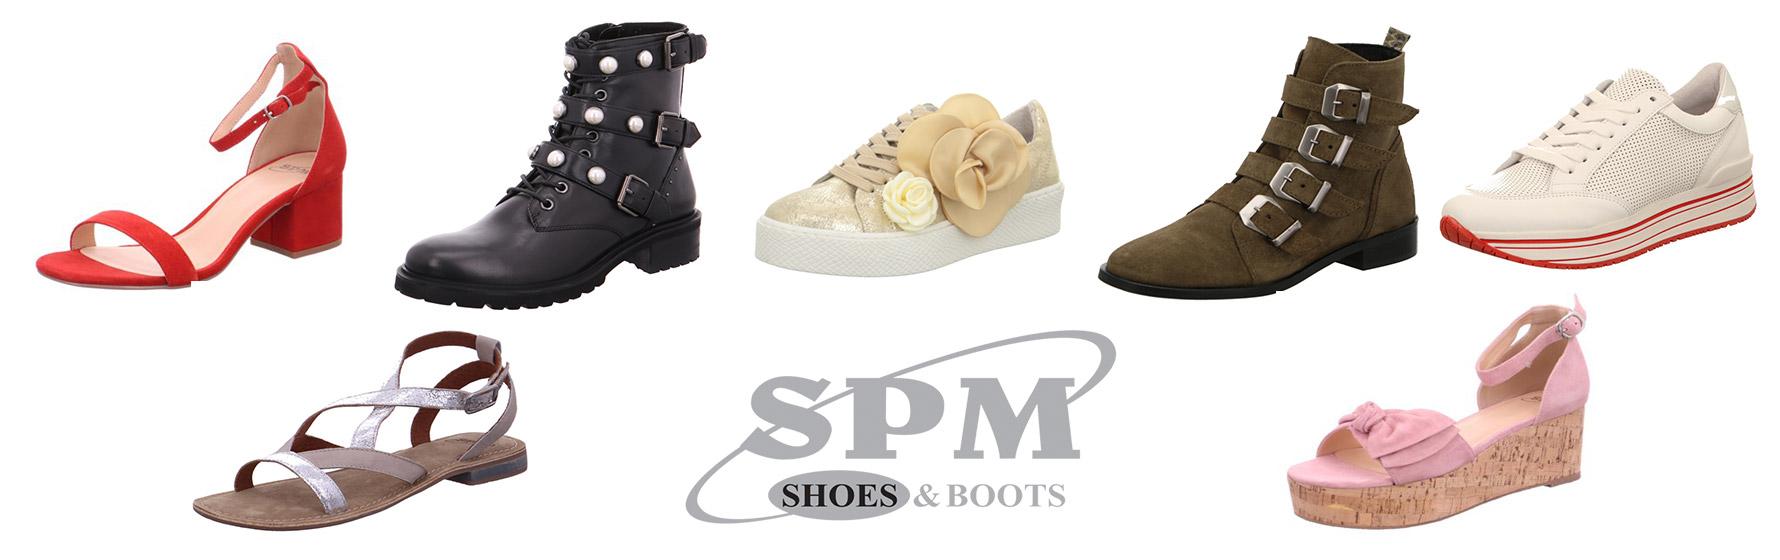 742bc4bd2b05fa SPM Schuhe großer Auswahl günstig online kaufen